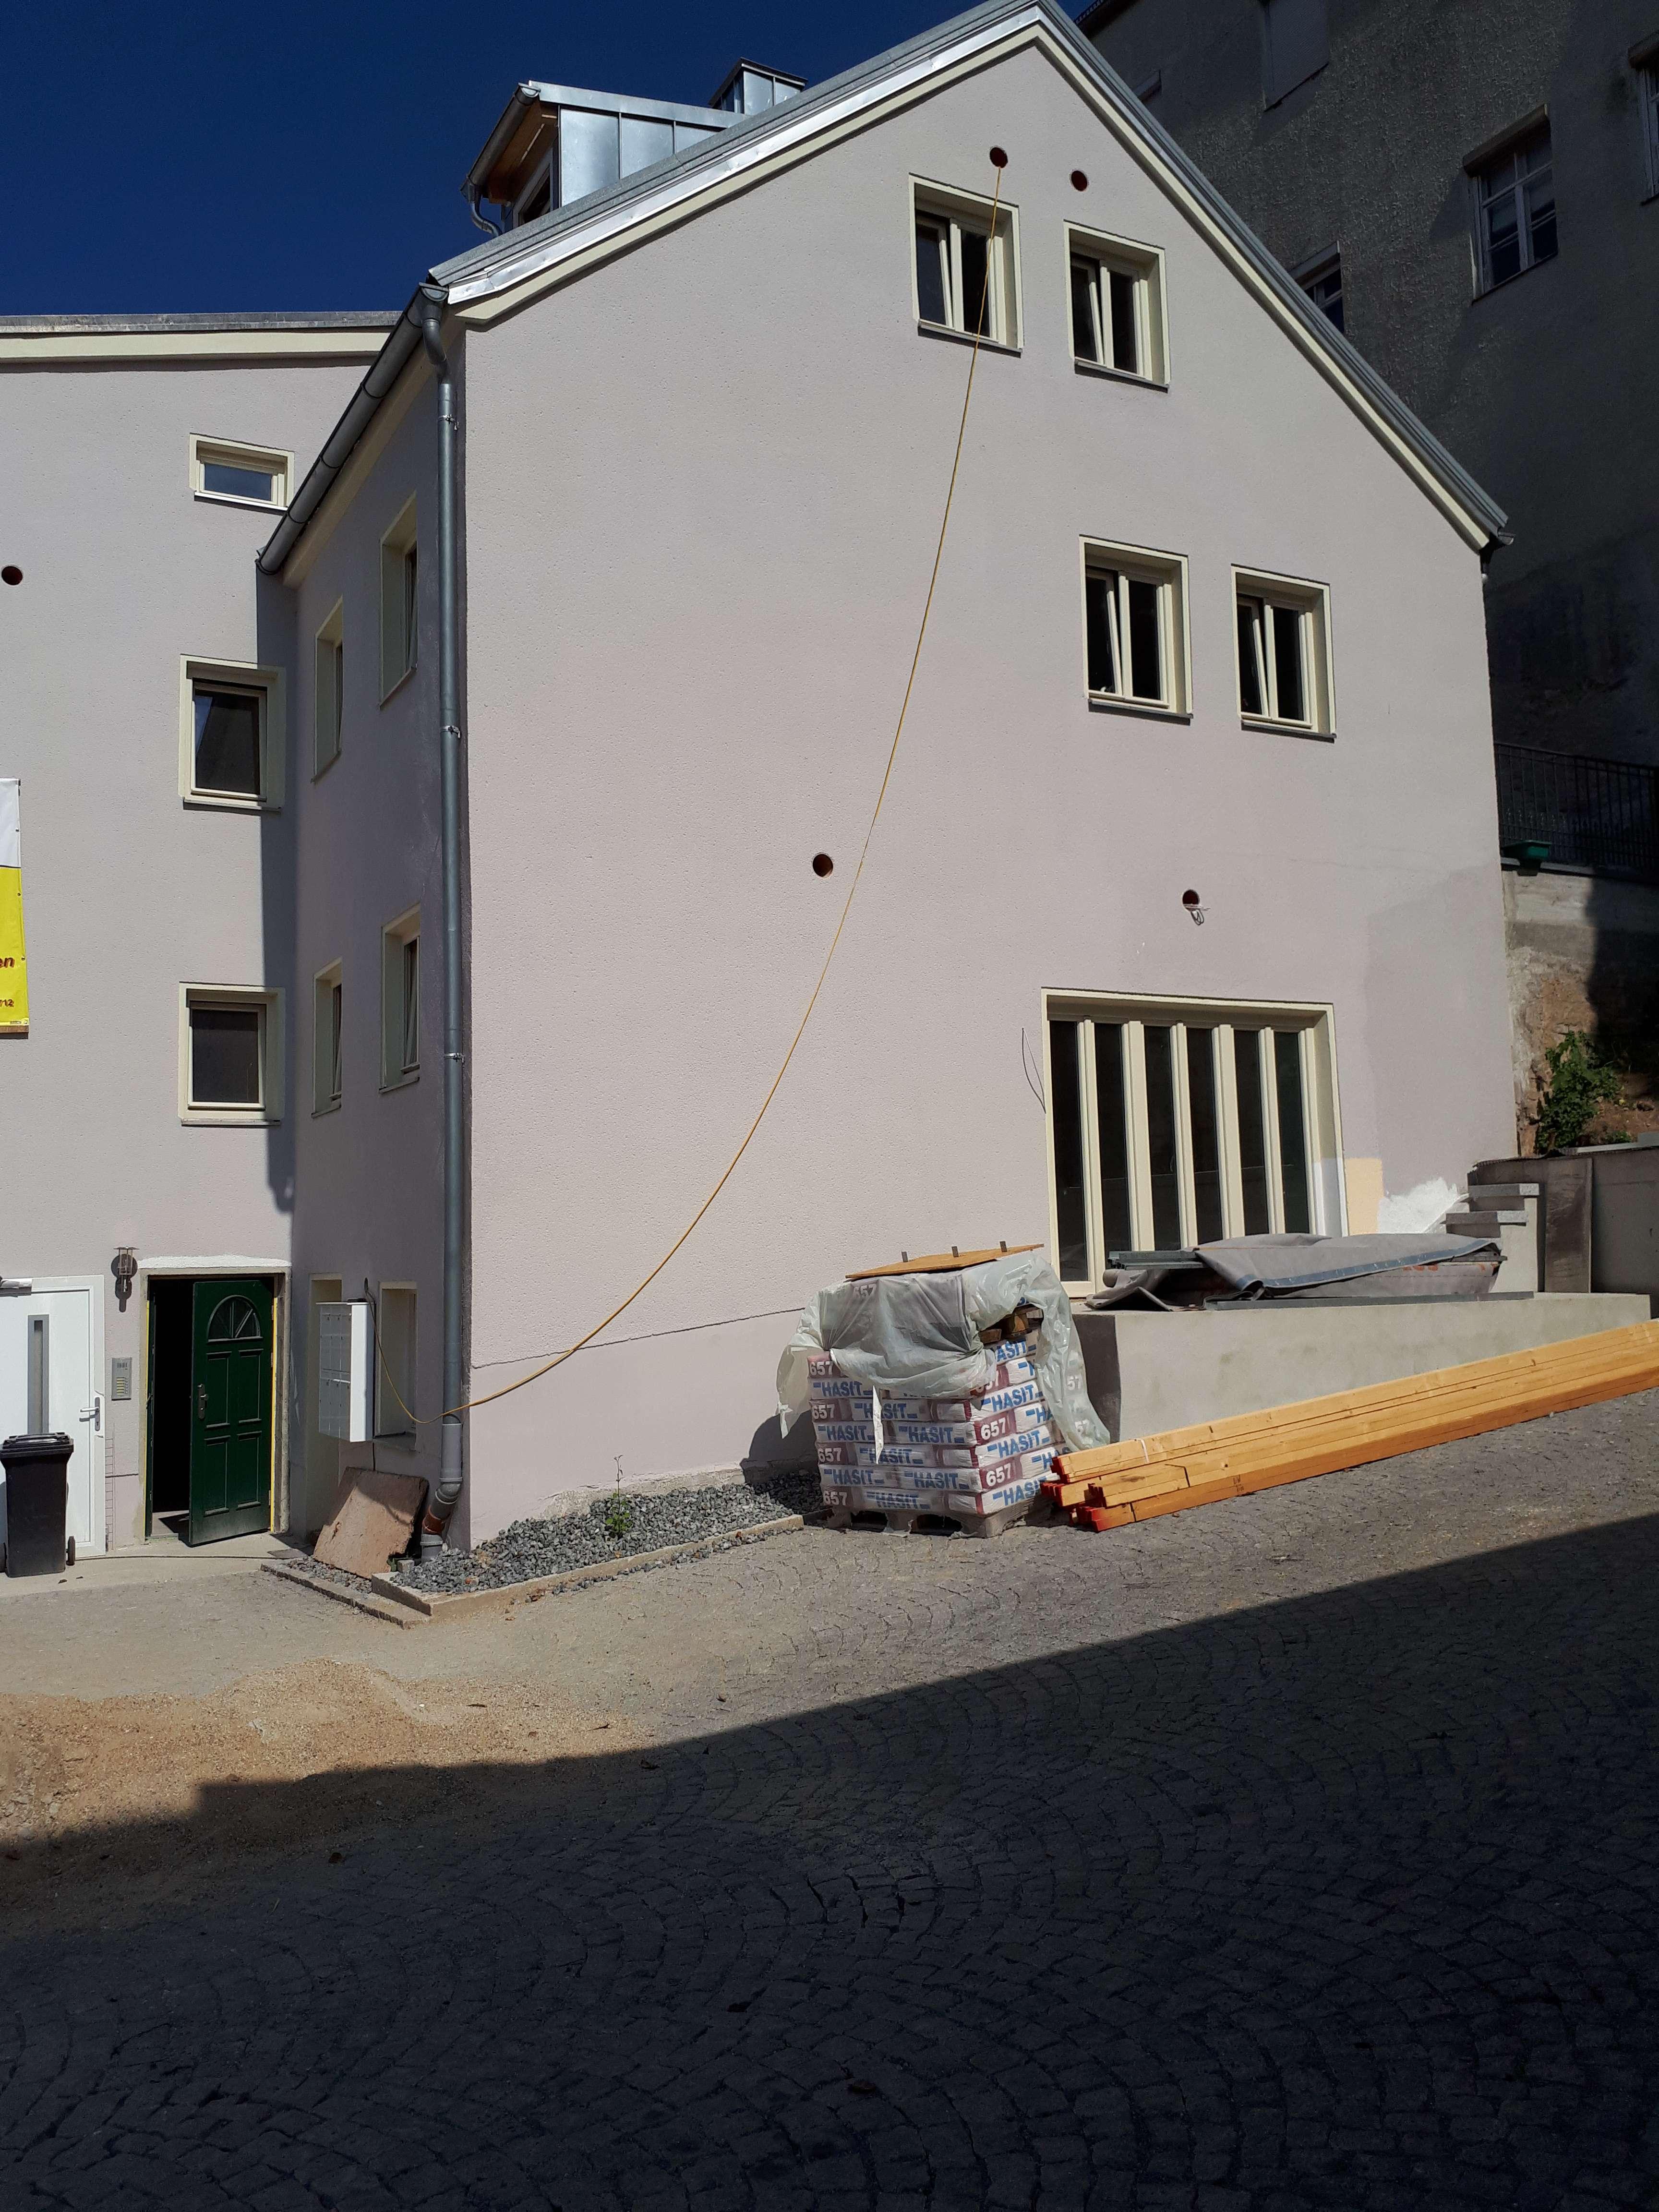 Frisch saniert - 3 Zimmer Wng. mit EBK in zentraler Lage zwischen Stadtplatz und Hagen in